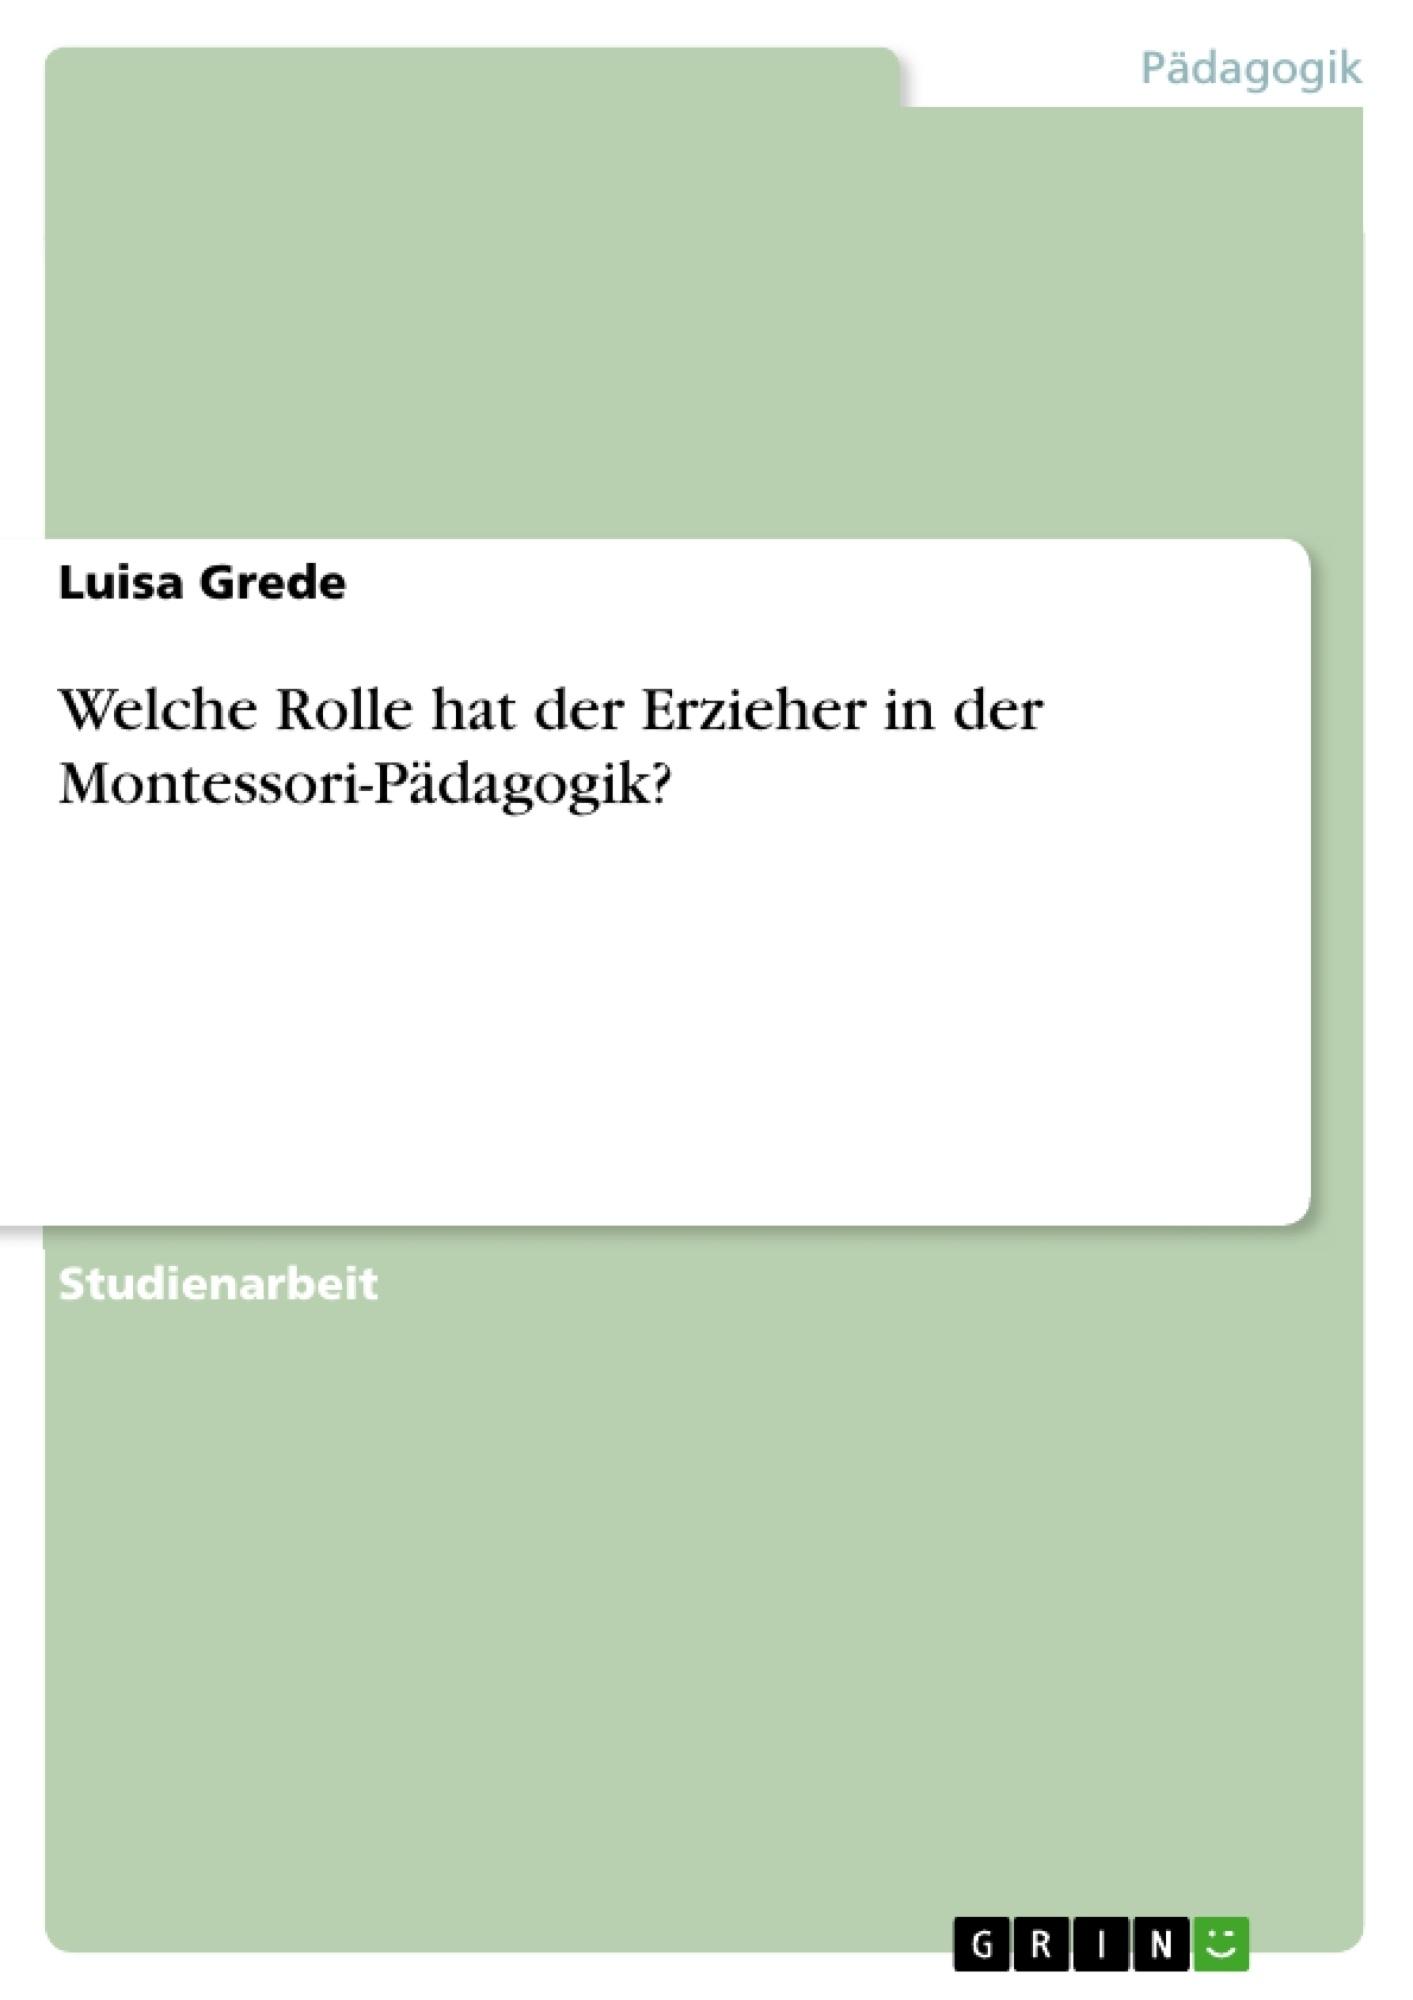 Titel: Welche Rolle hat der Erzieher in der Montessori-Pädagogik?